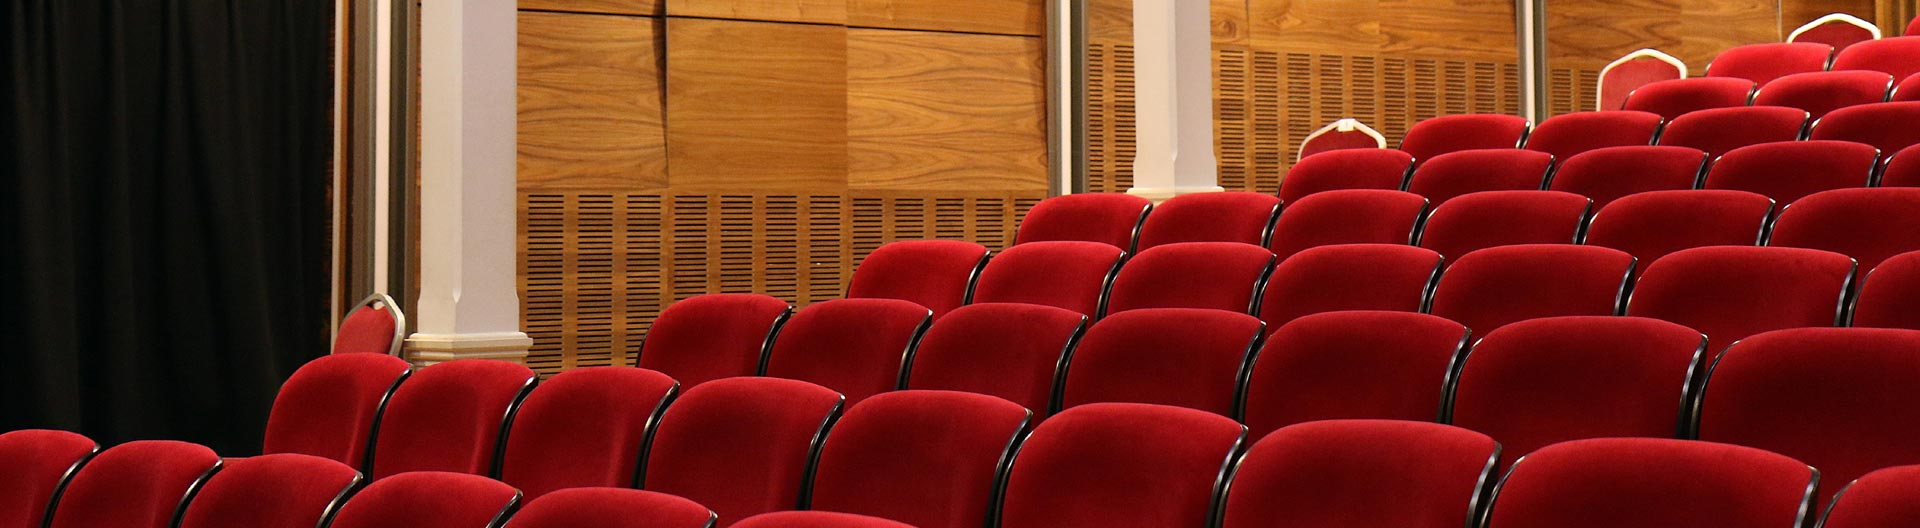 Butacas para teatros - Fabricante de butacas para teatros